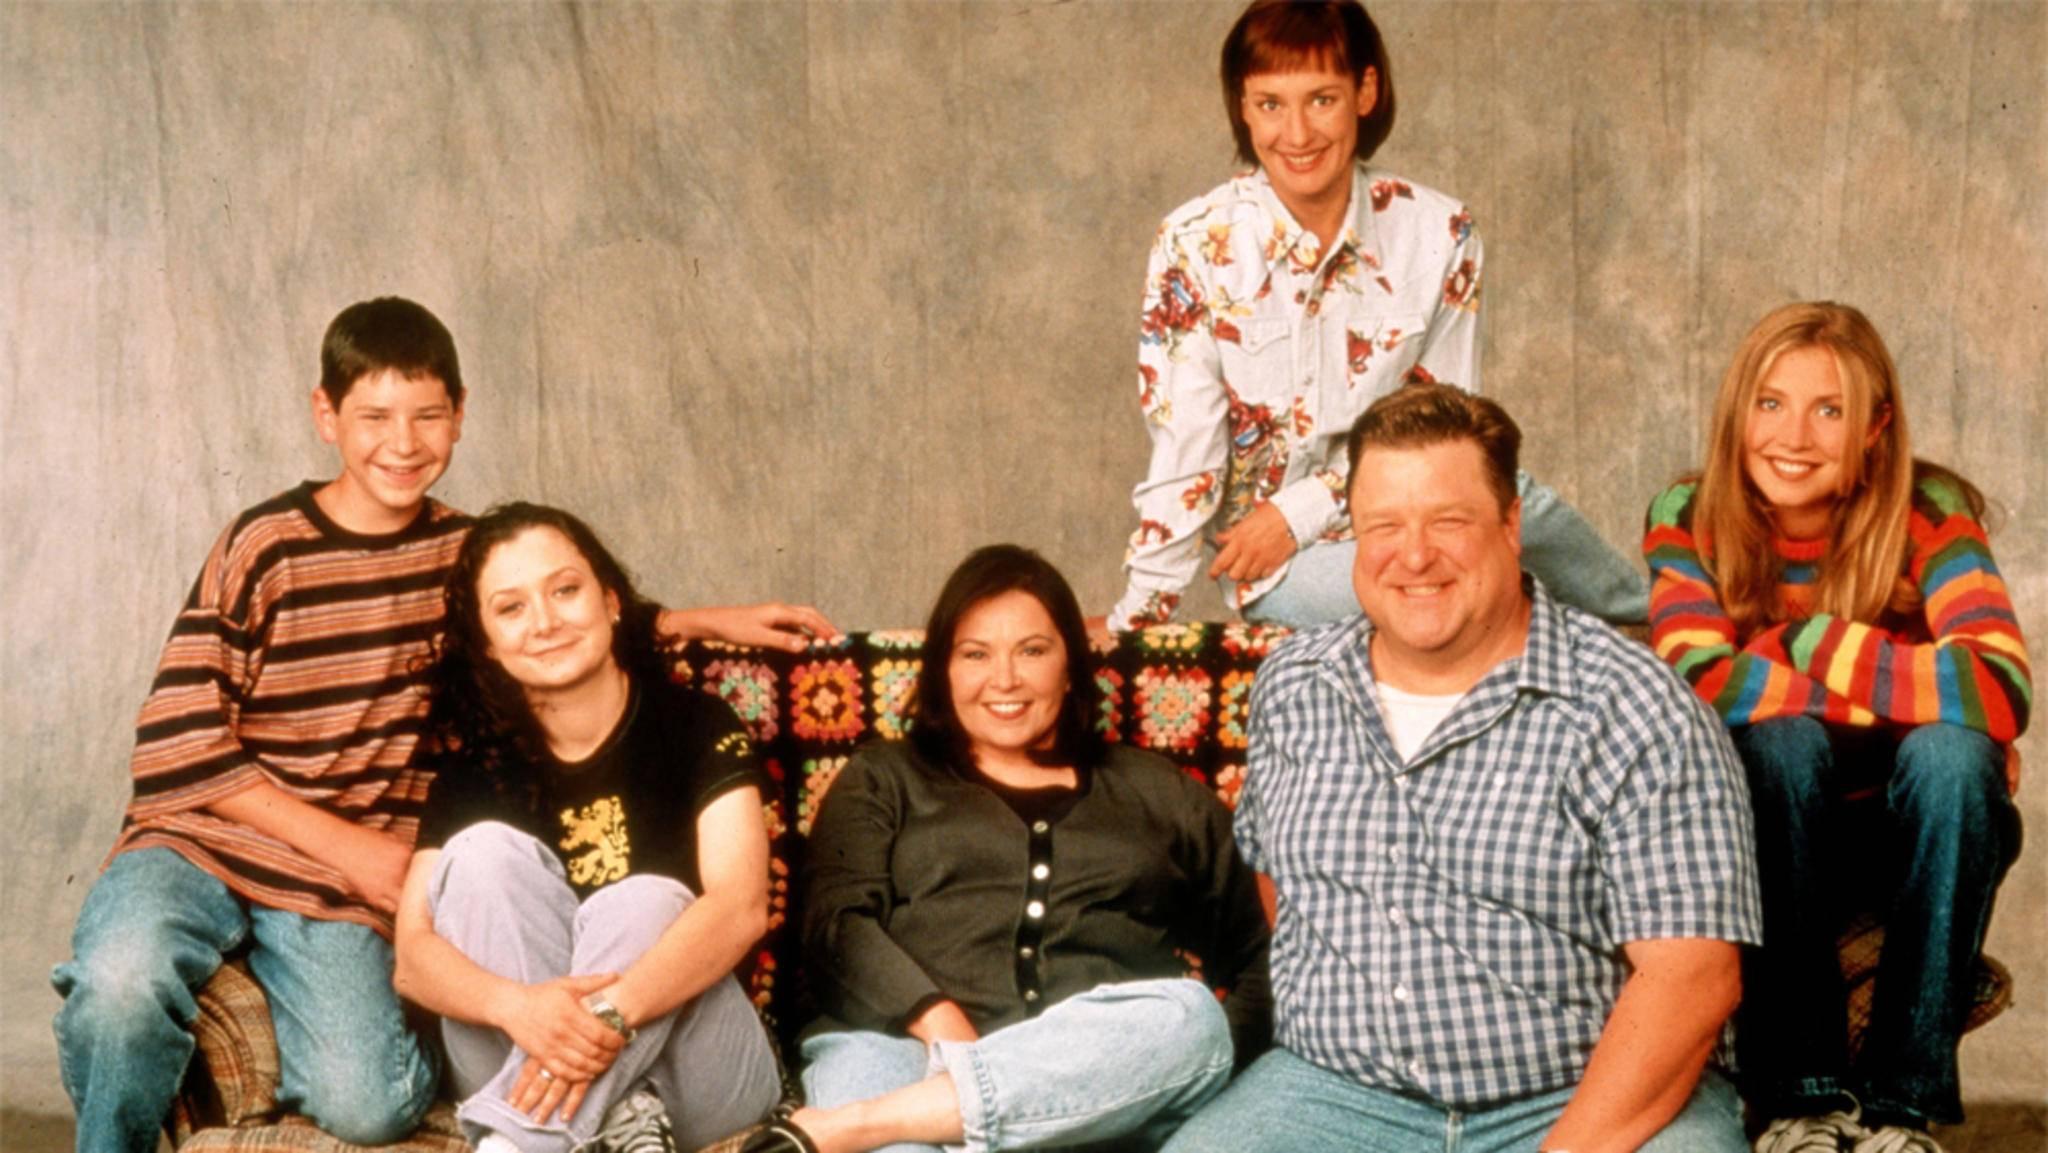 Die Sorgen und Nöte der Familie Conner waren 1988 bis 1997 ein fester Bestandteil der TV-Landschaft.